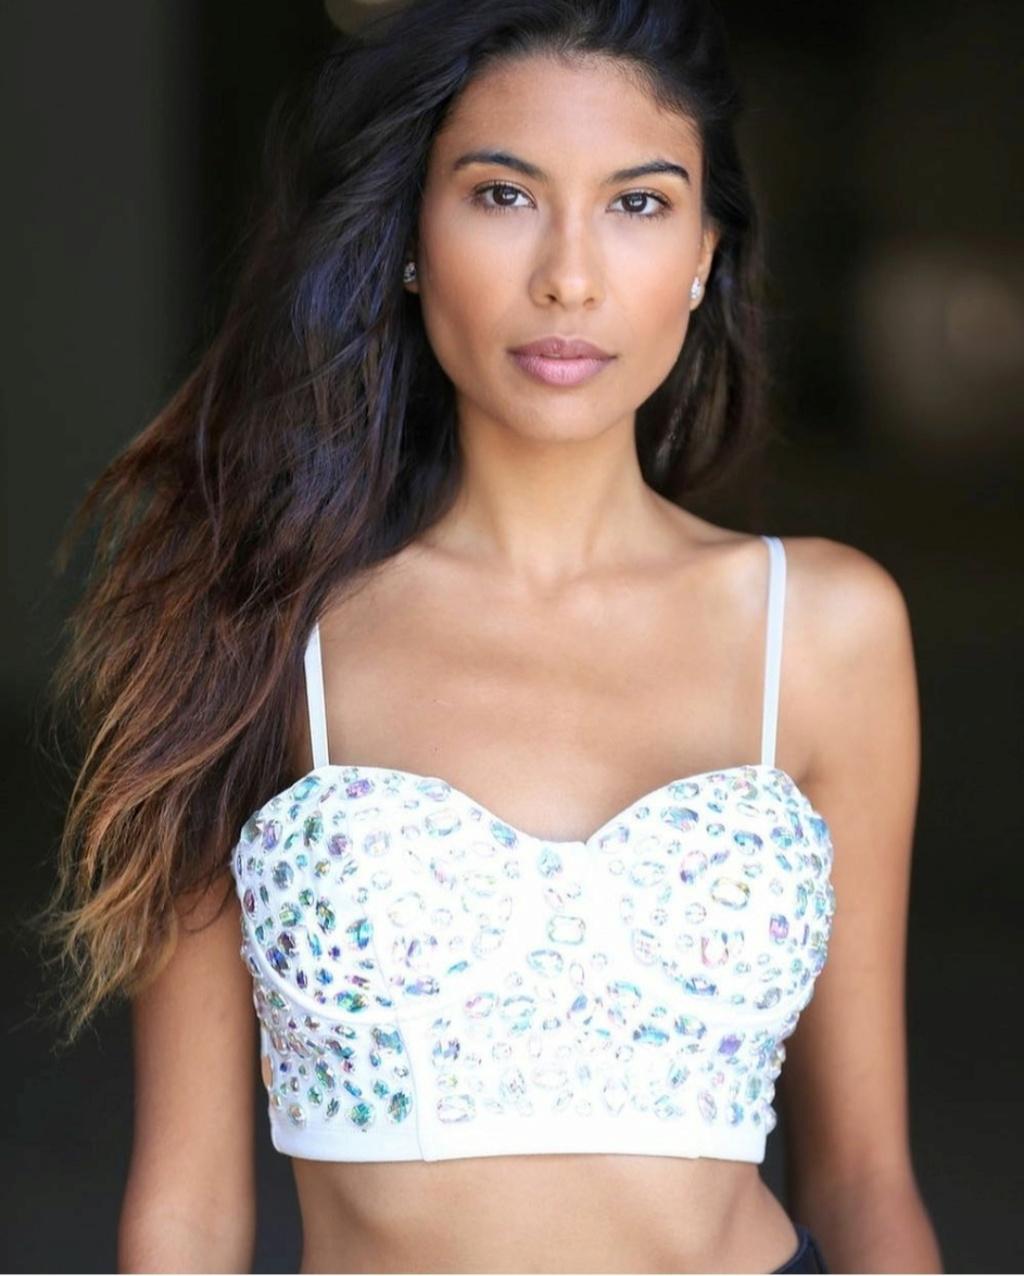 DEBATE sobre belleza, guapura y hermosura (fotos de chicas latinas, mestizas, y de todo) - VOL II - Página 5 Img_1157